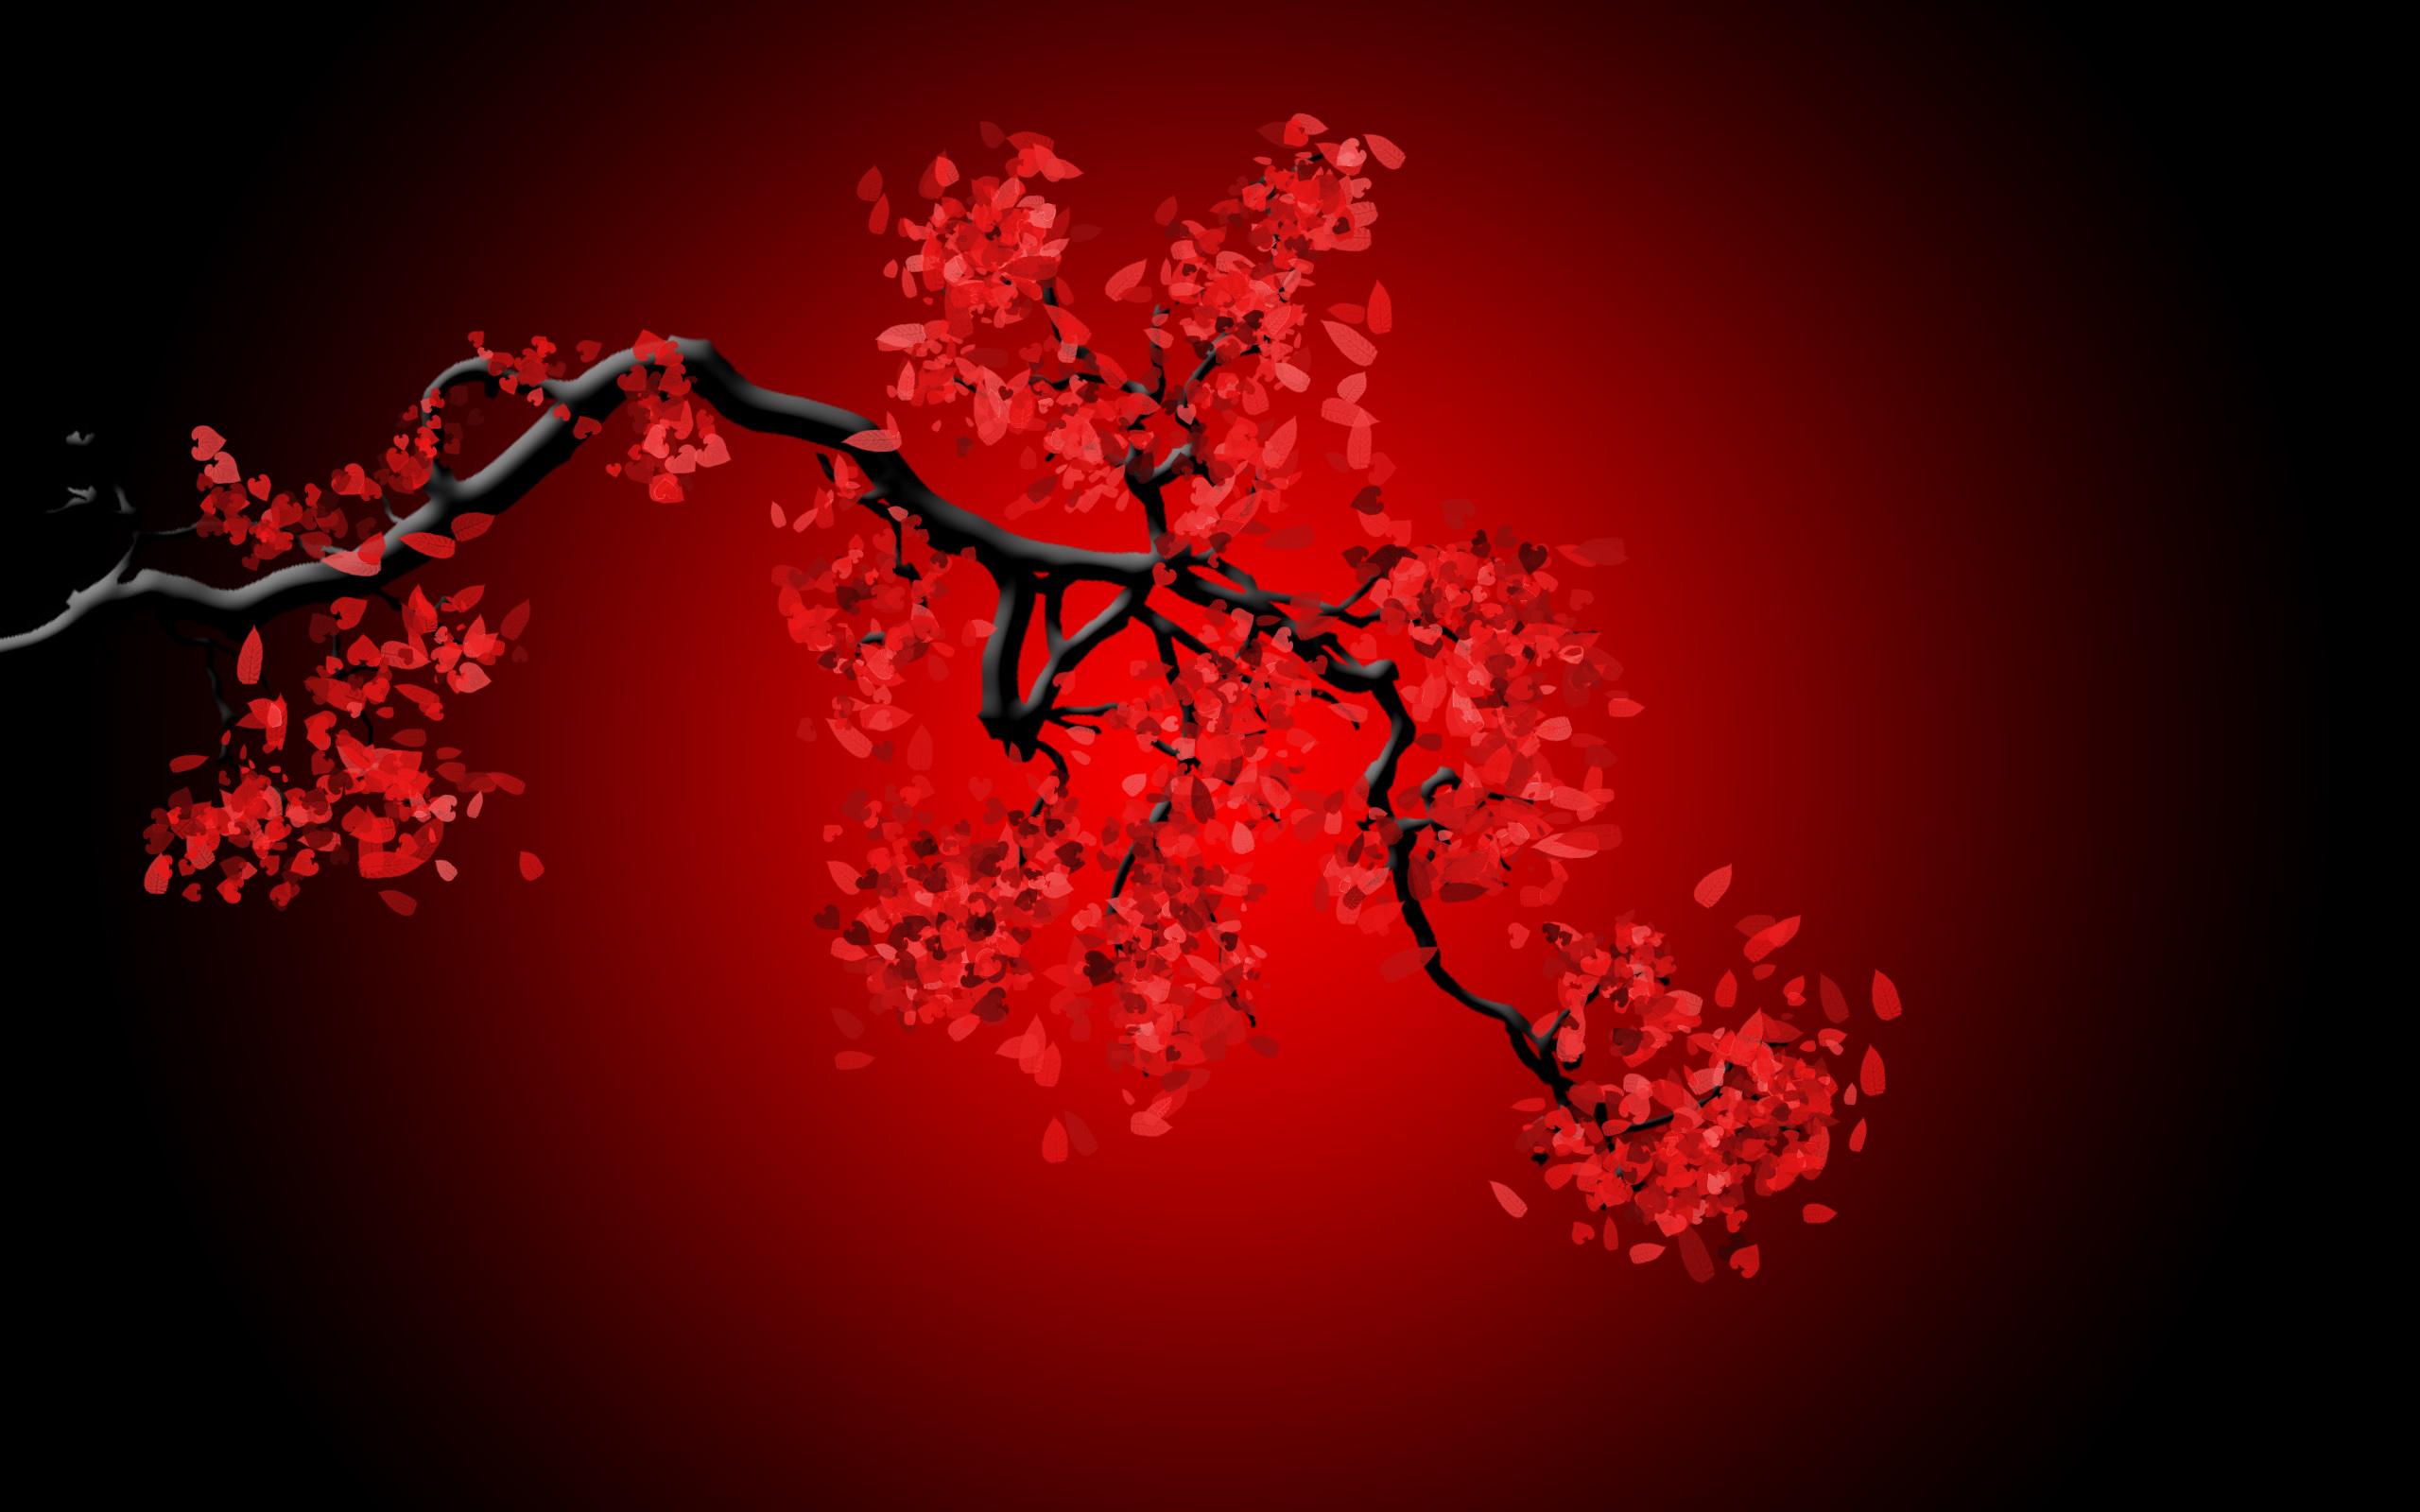 Reds Wallpapers - WallpaperSafari